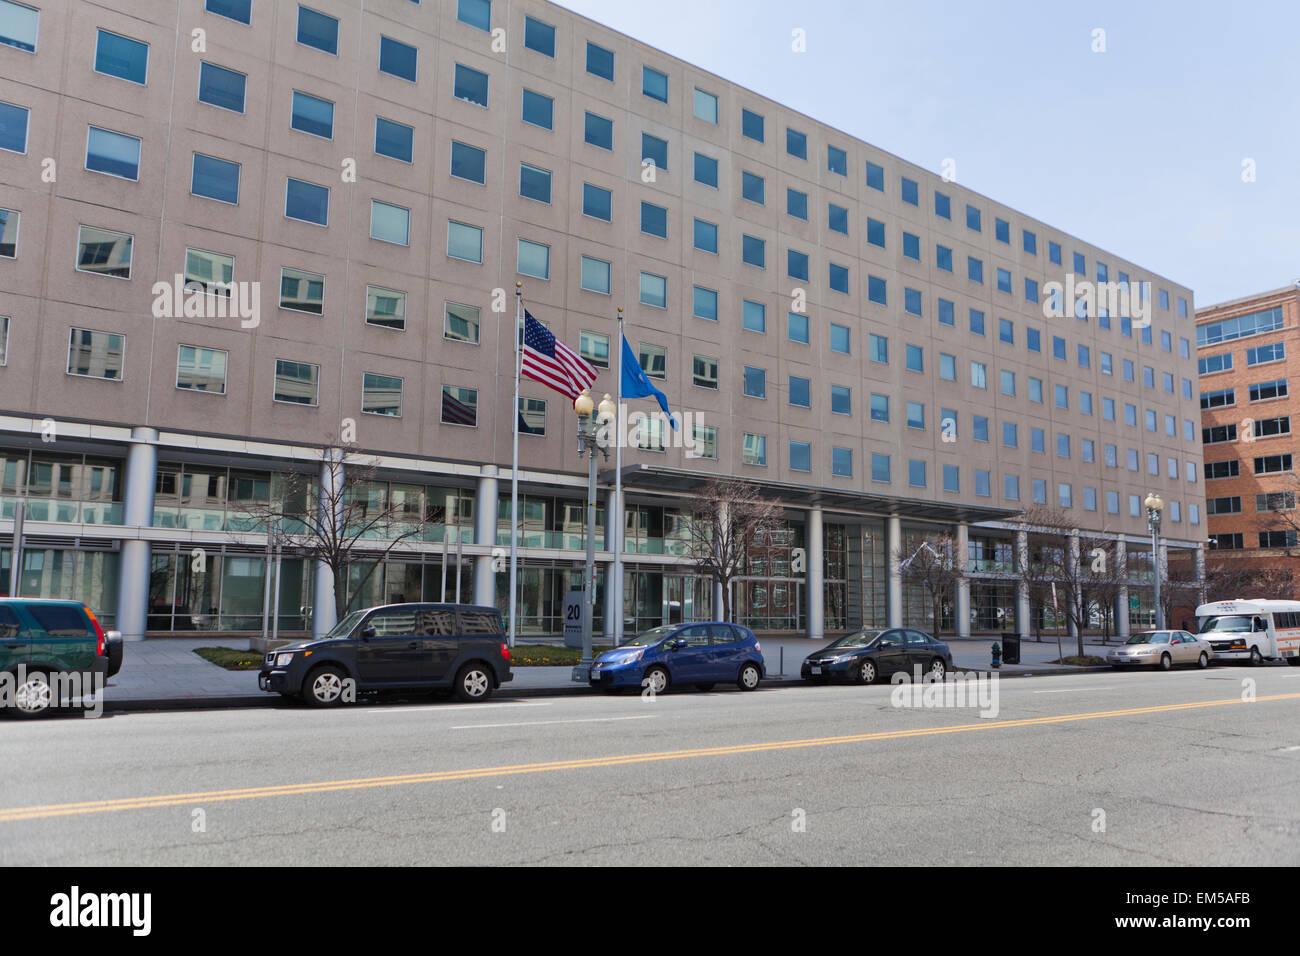 Resultado de imagen para foto del edificio de inmigracion en washington